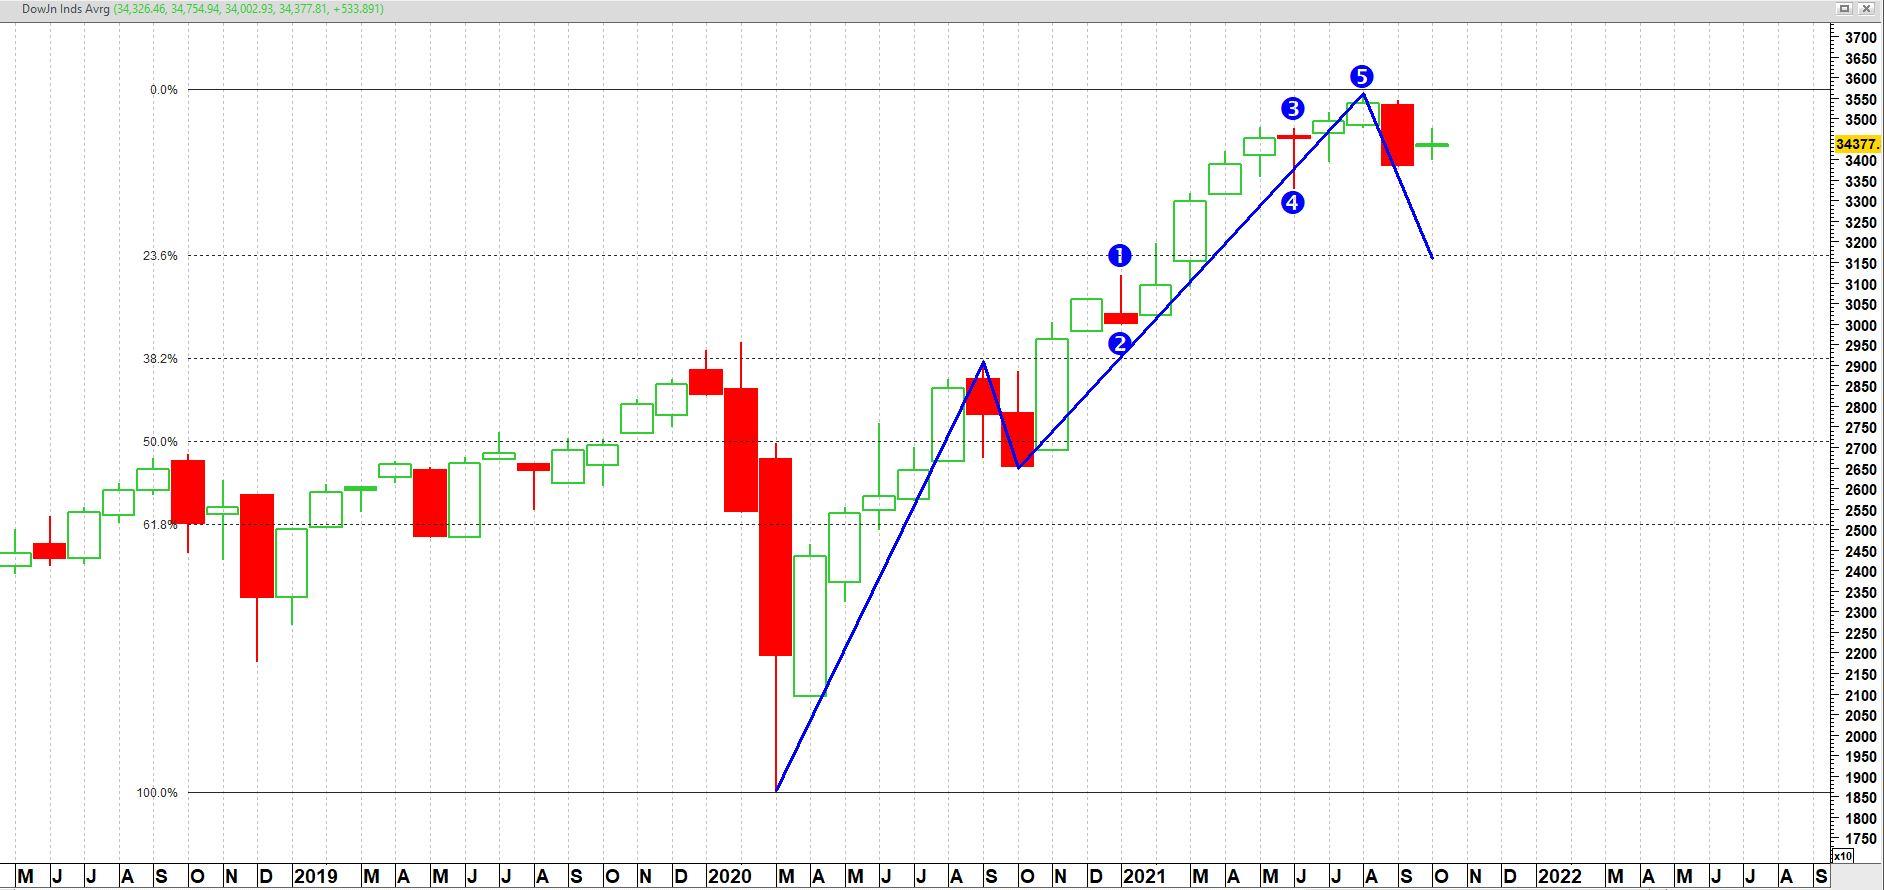 Dow Jones Industrial Average op maandbasis